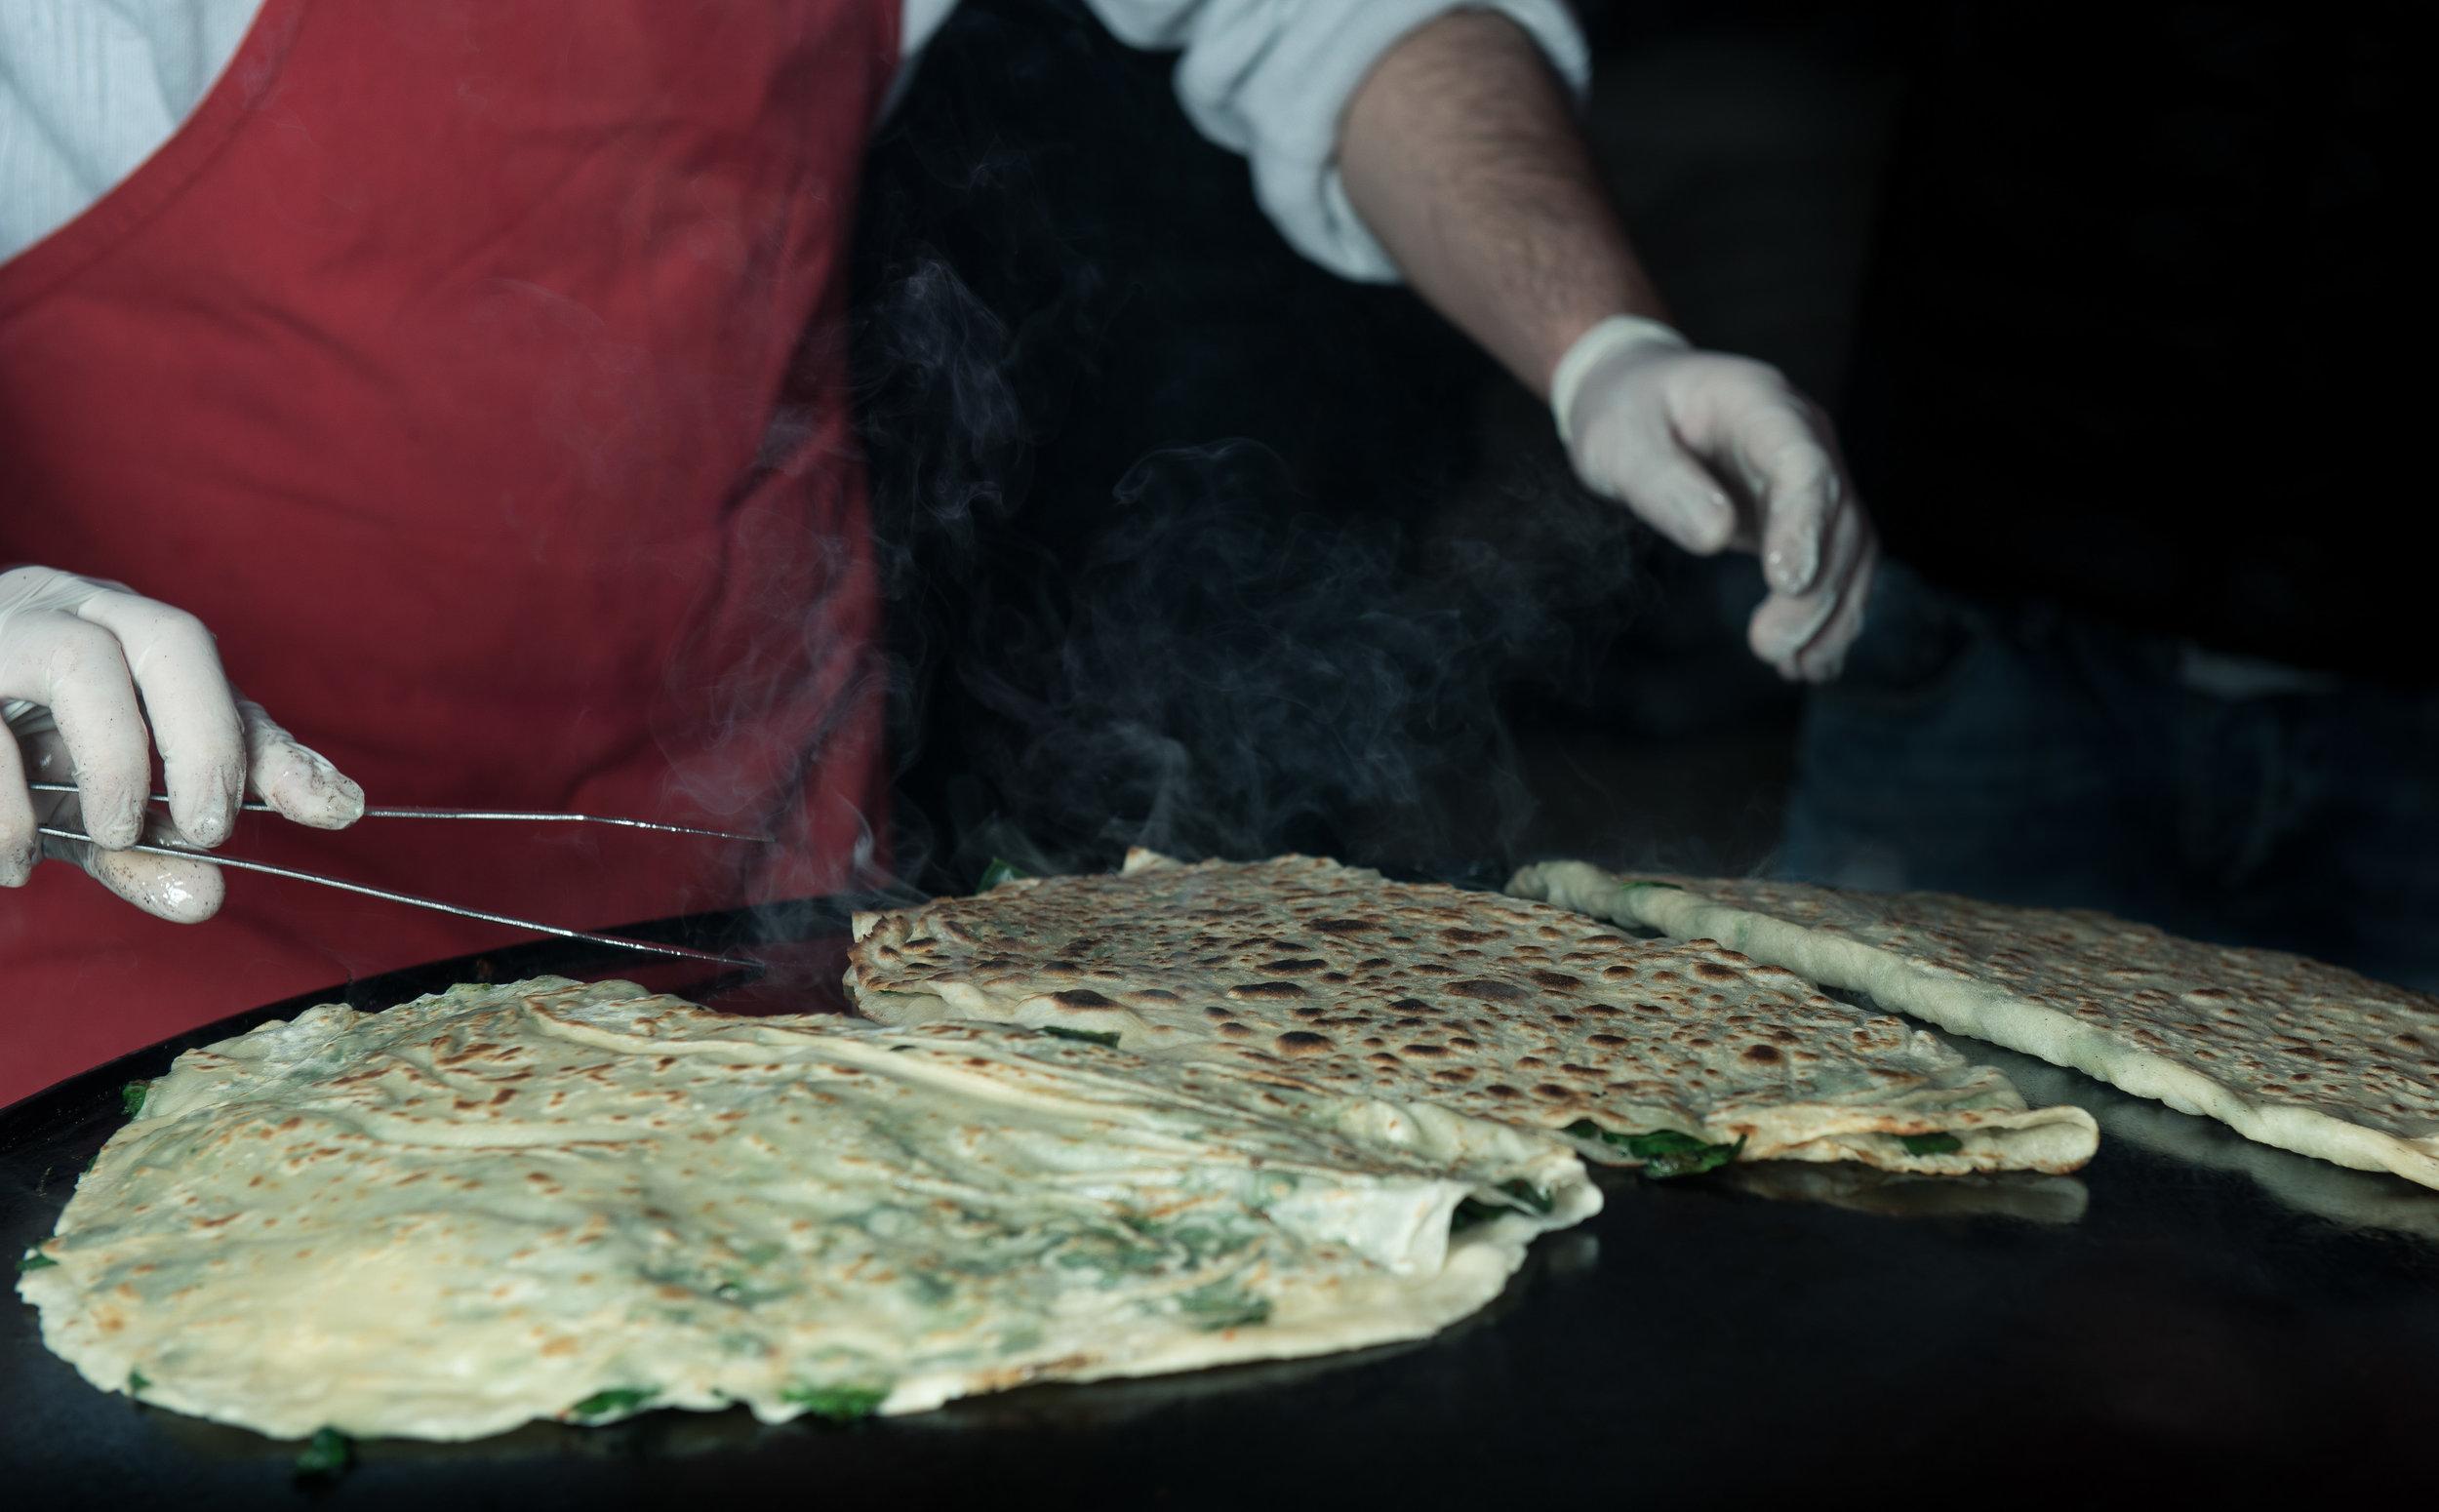 Gozmele at Isntabul's kalirkoy market